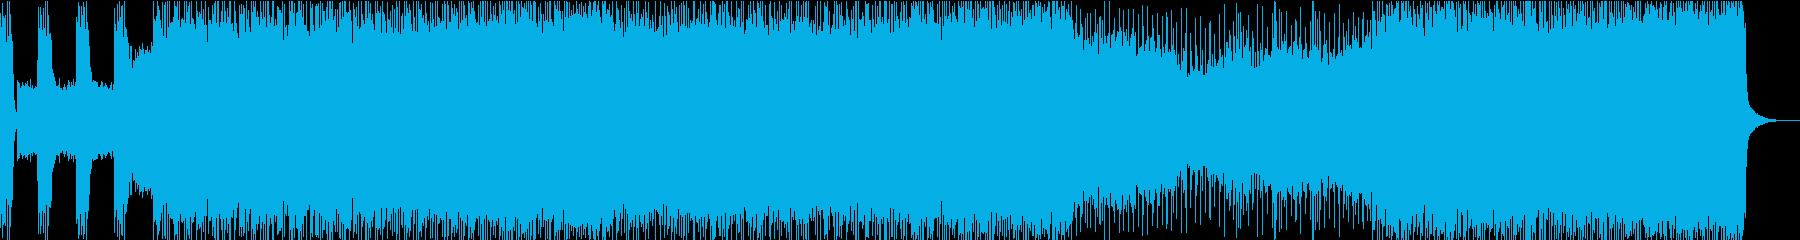 キャッチ―で明るいビートのロックソングの再生済みの波形